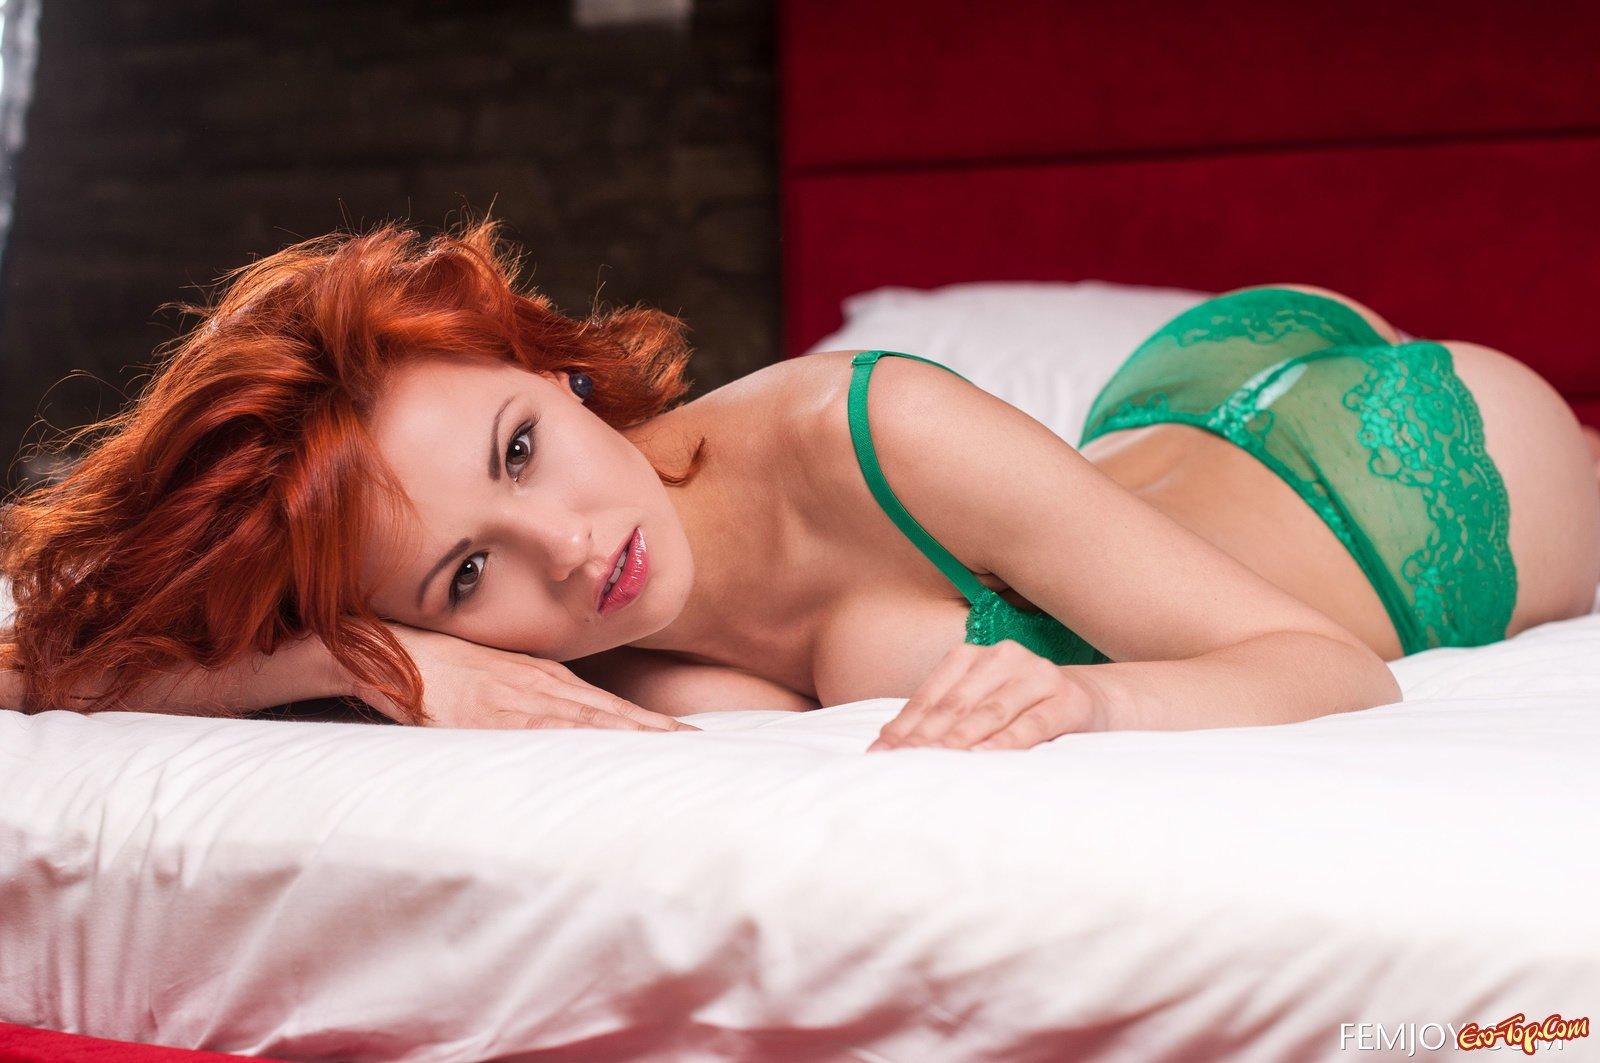 Рыжеволосая девка сняла сексуальное белье в кровати